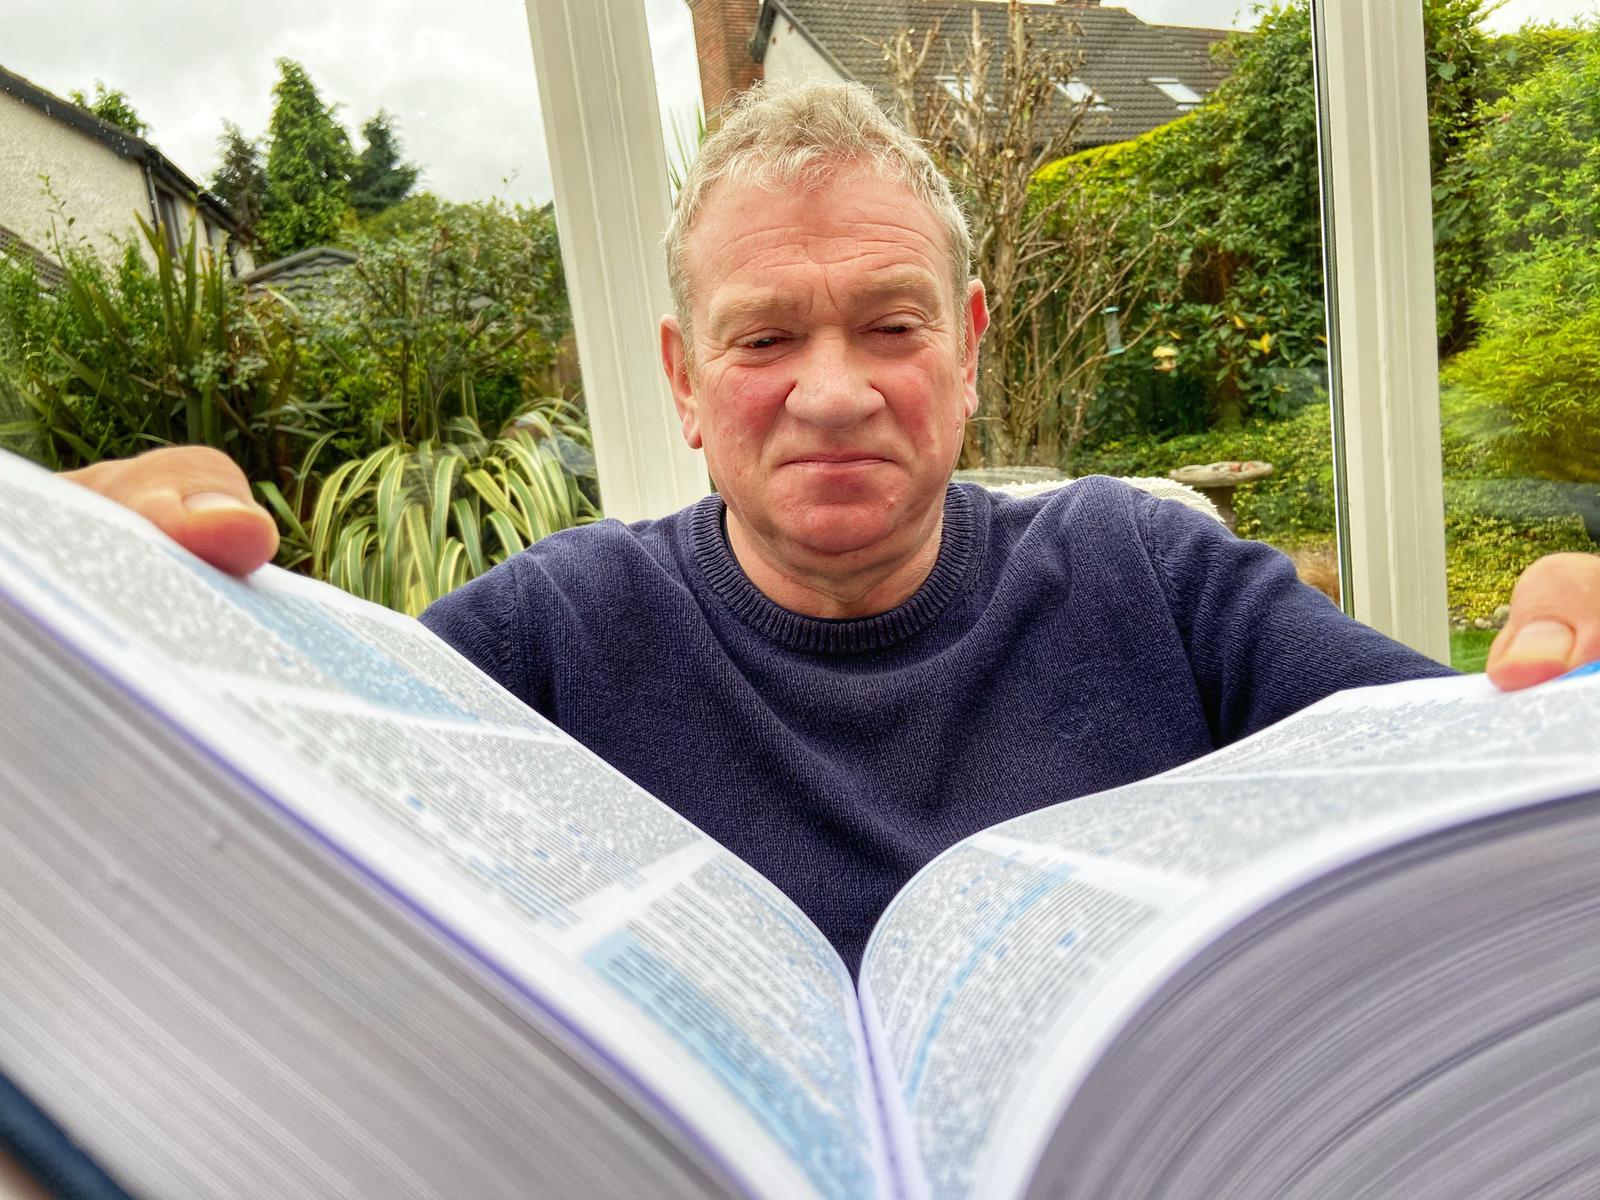 AN FOCAL SCOIR: Lexicographer Pól Mac Fheilimidh scans the new ÓMianáin Dictionary